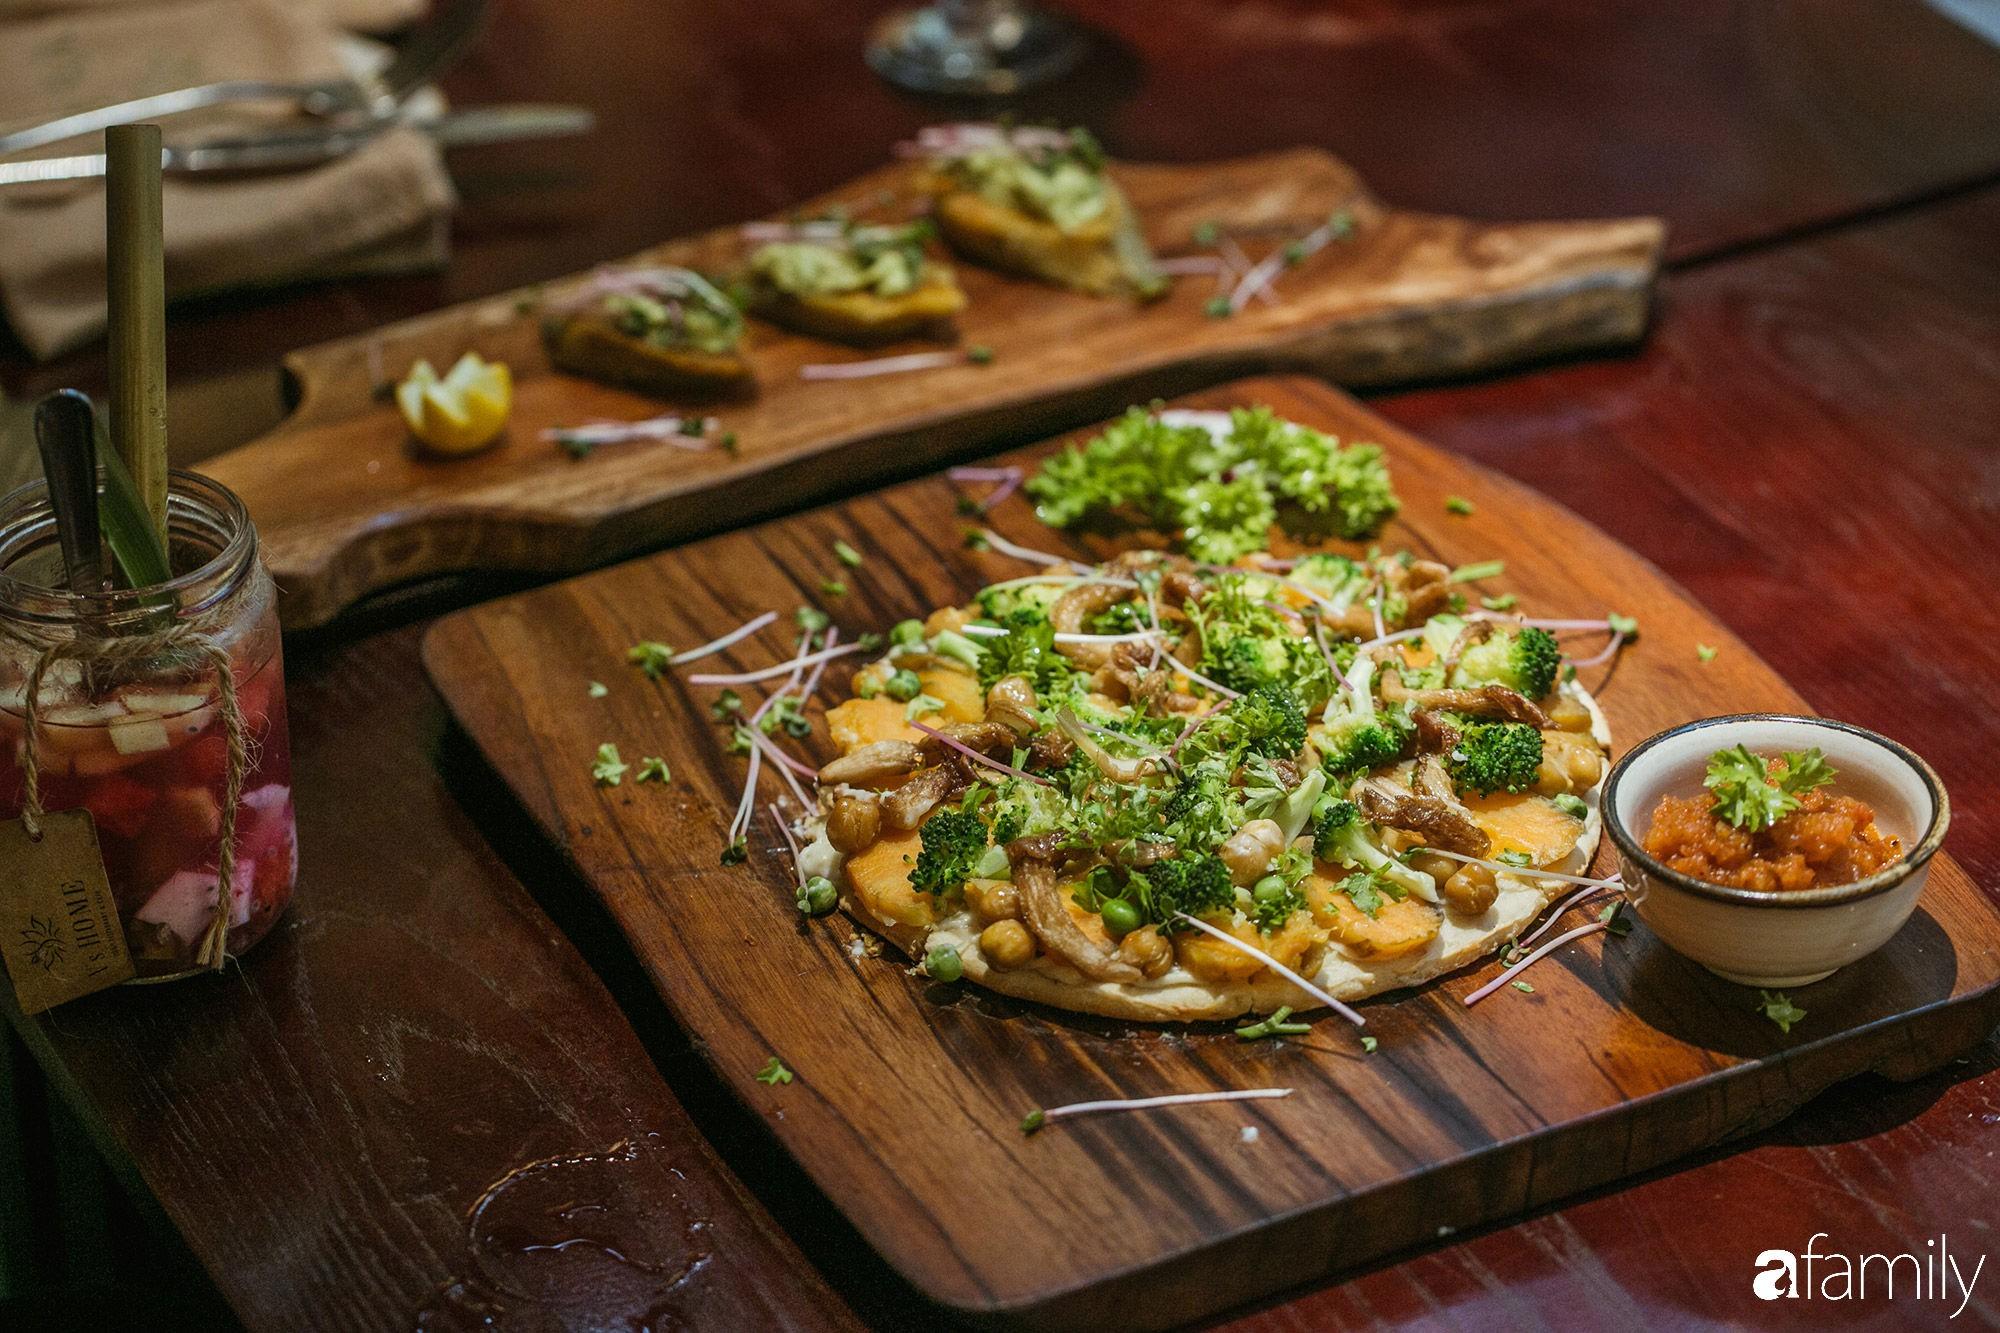 6 nhà hàng chay xinh đẹp và an nhiên nhất định phải đến trong mùa Vu Lan tại Hà Nội và Sài Gòn - Ảnh 12.